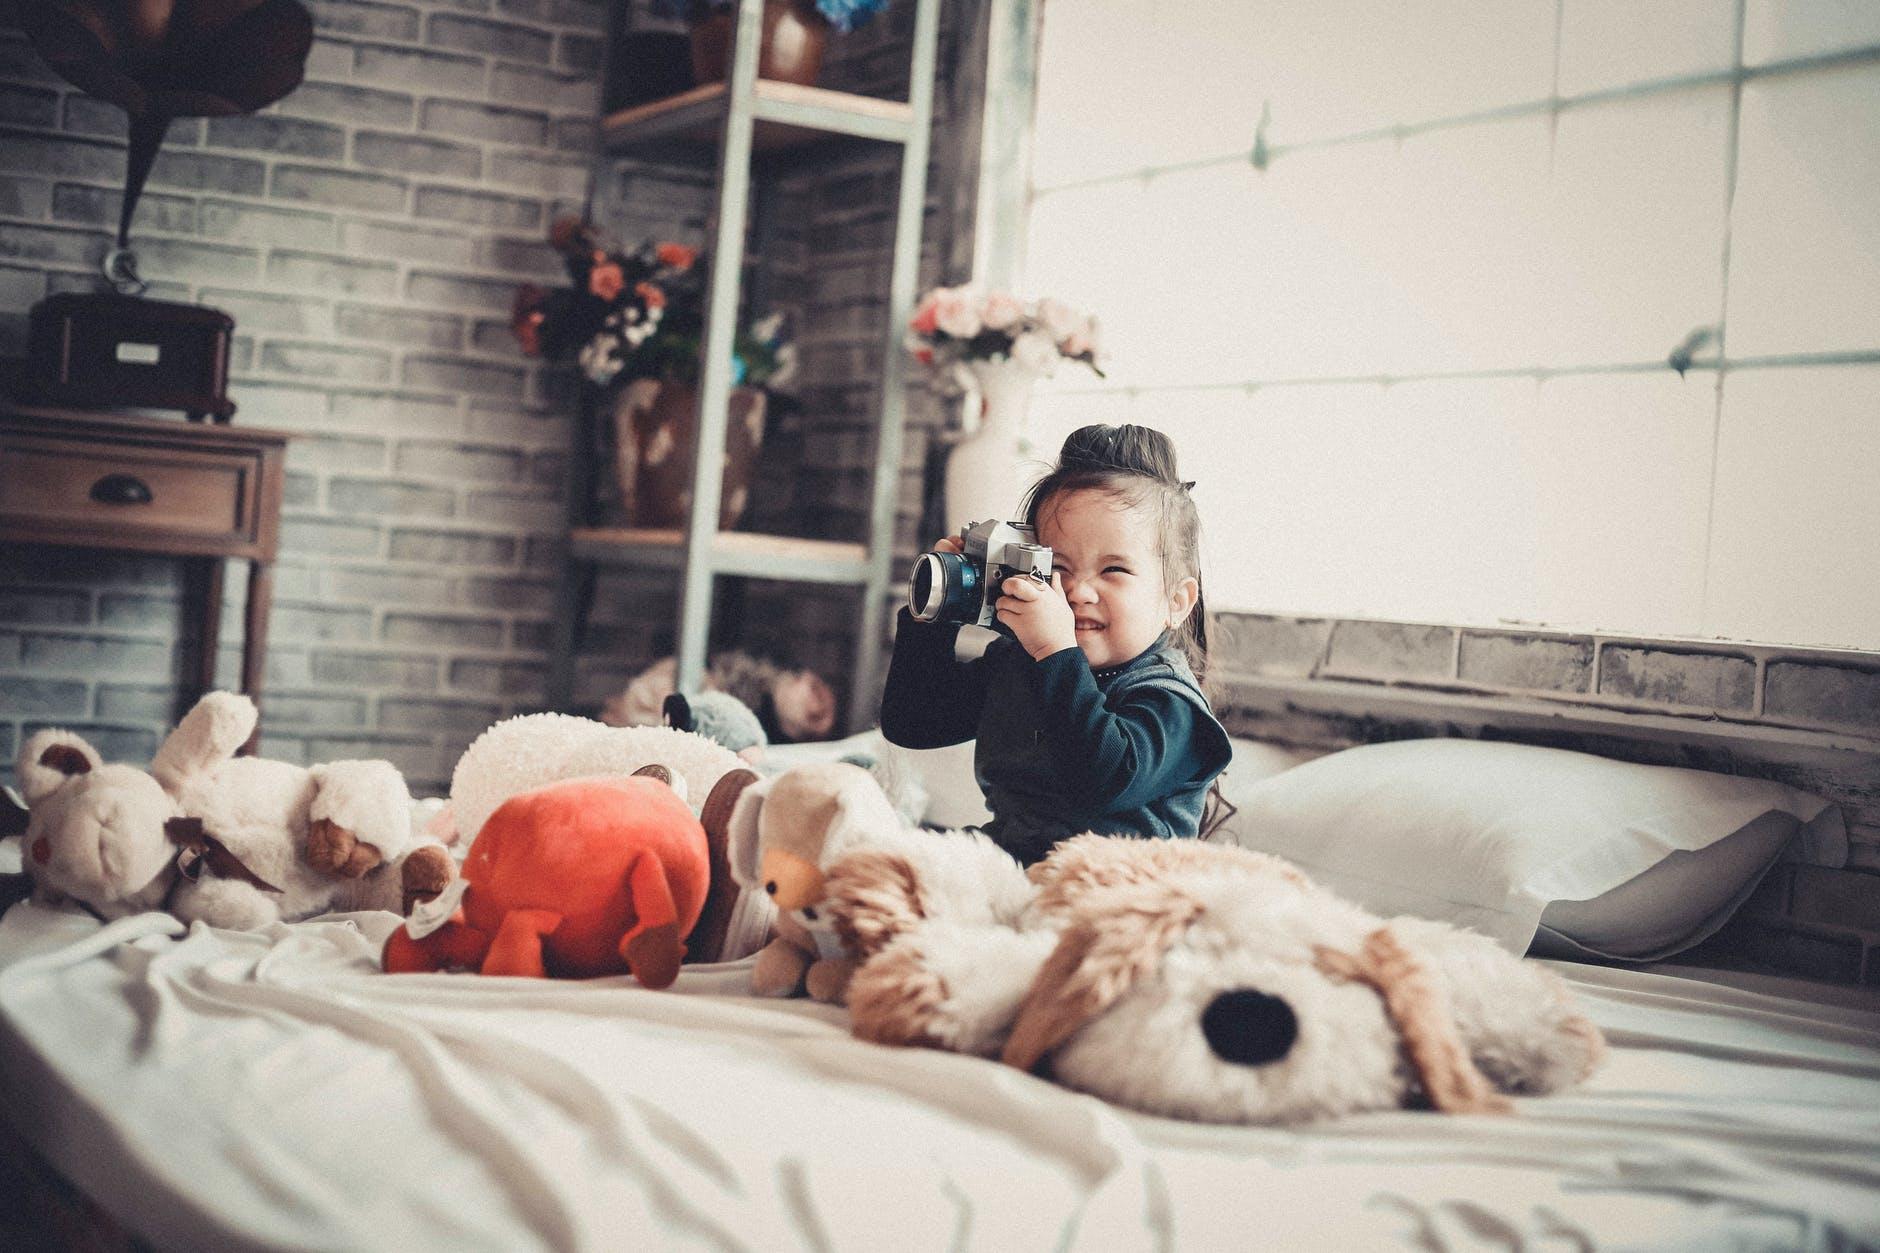 elegir-el-juguete-perfecto-para-nuestro-bebe